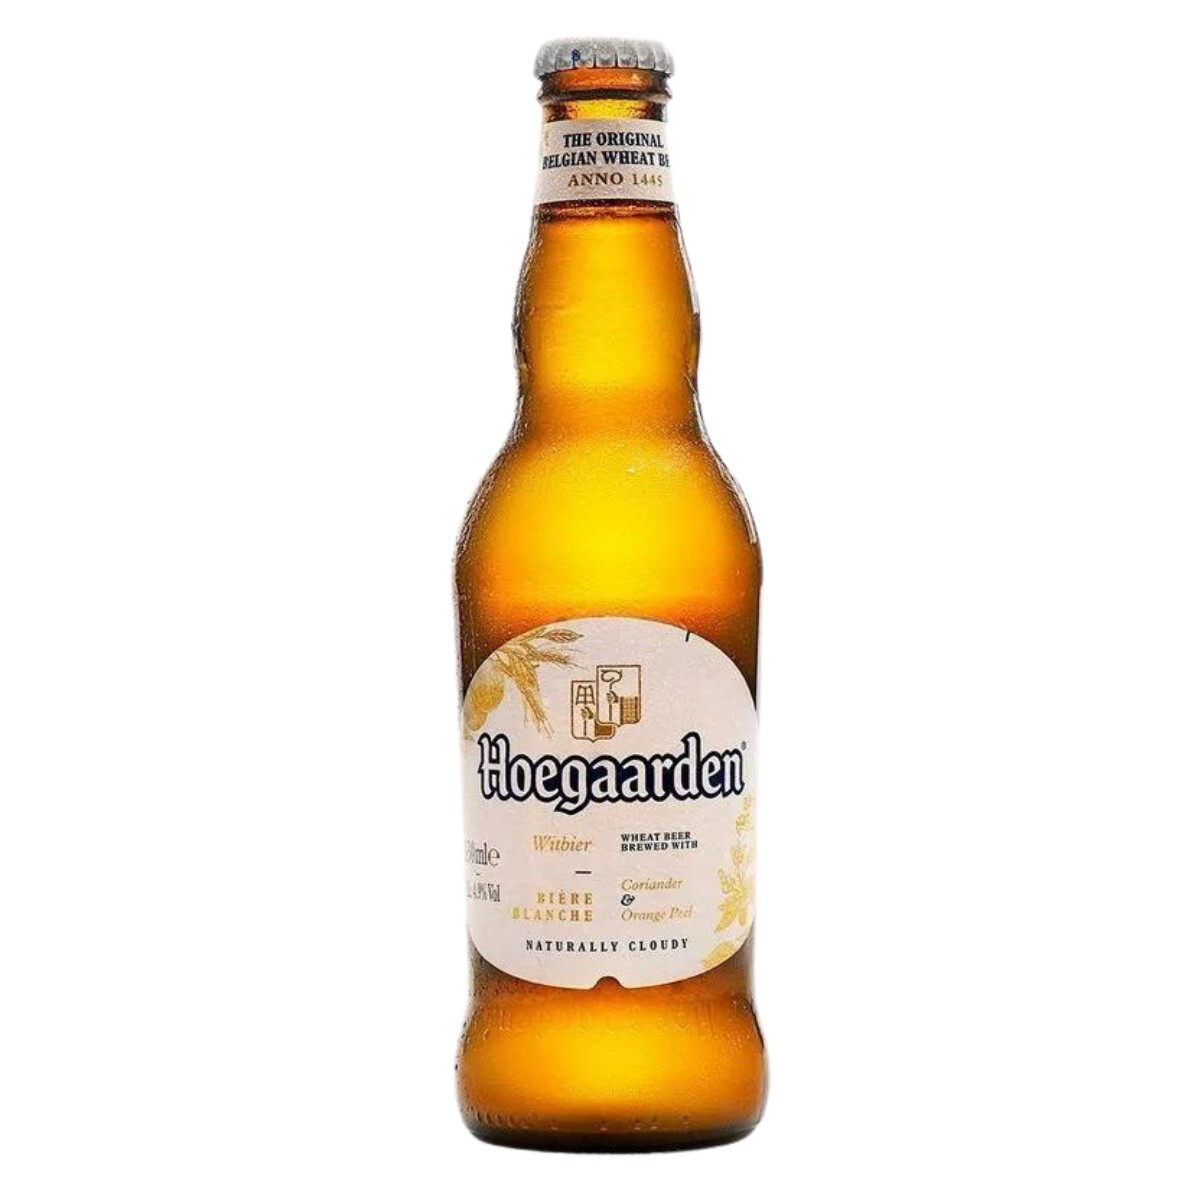 HOEGAARDEN BELGIAN WHEAT BEER Alc. 4.9% Vol. 330ml